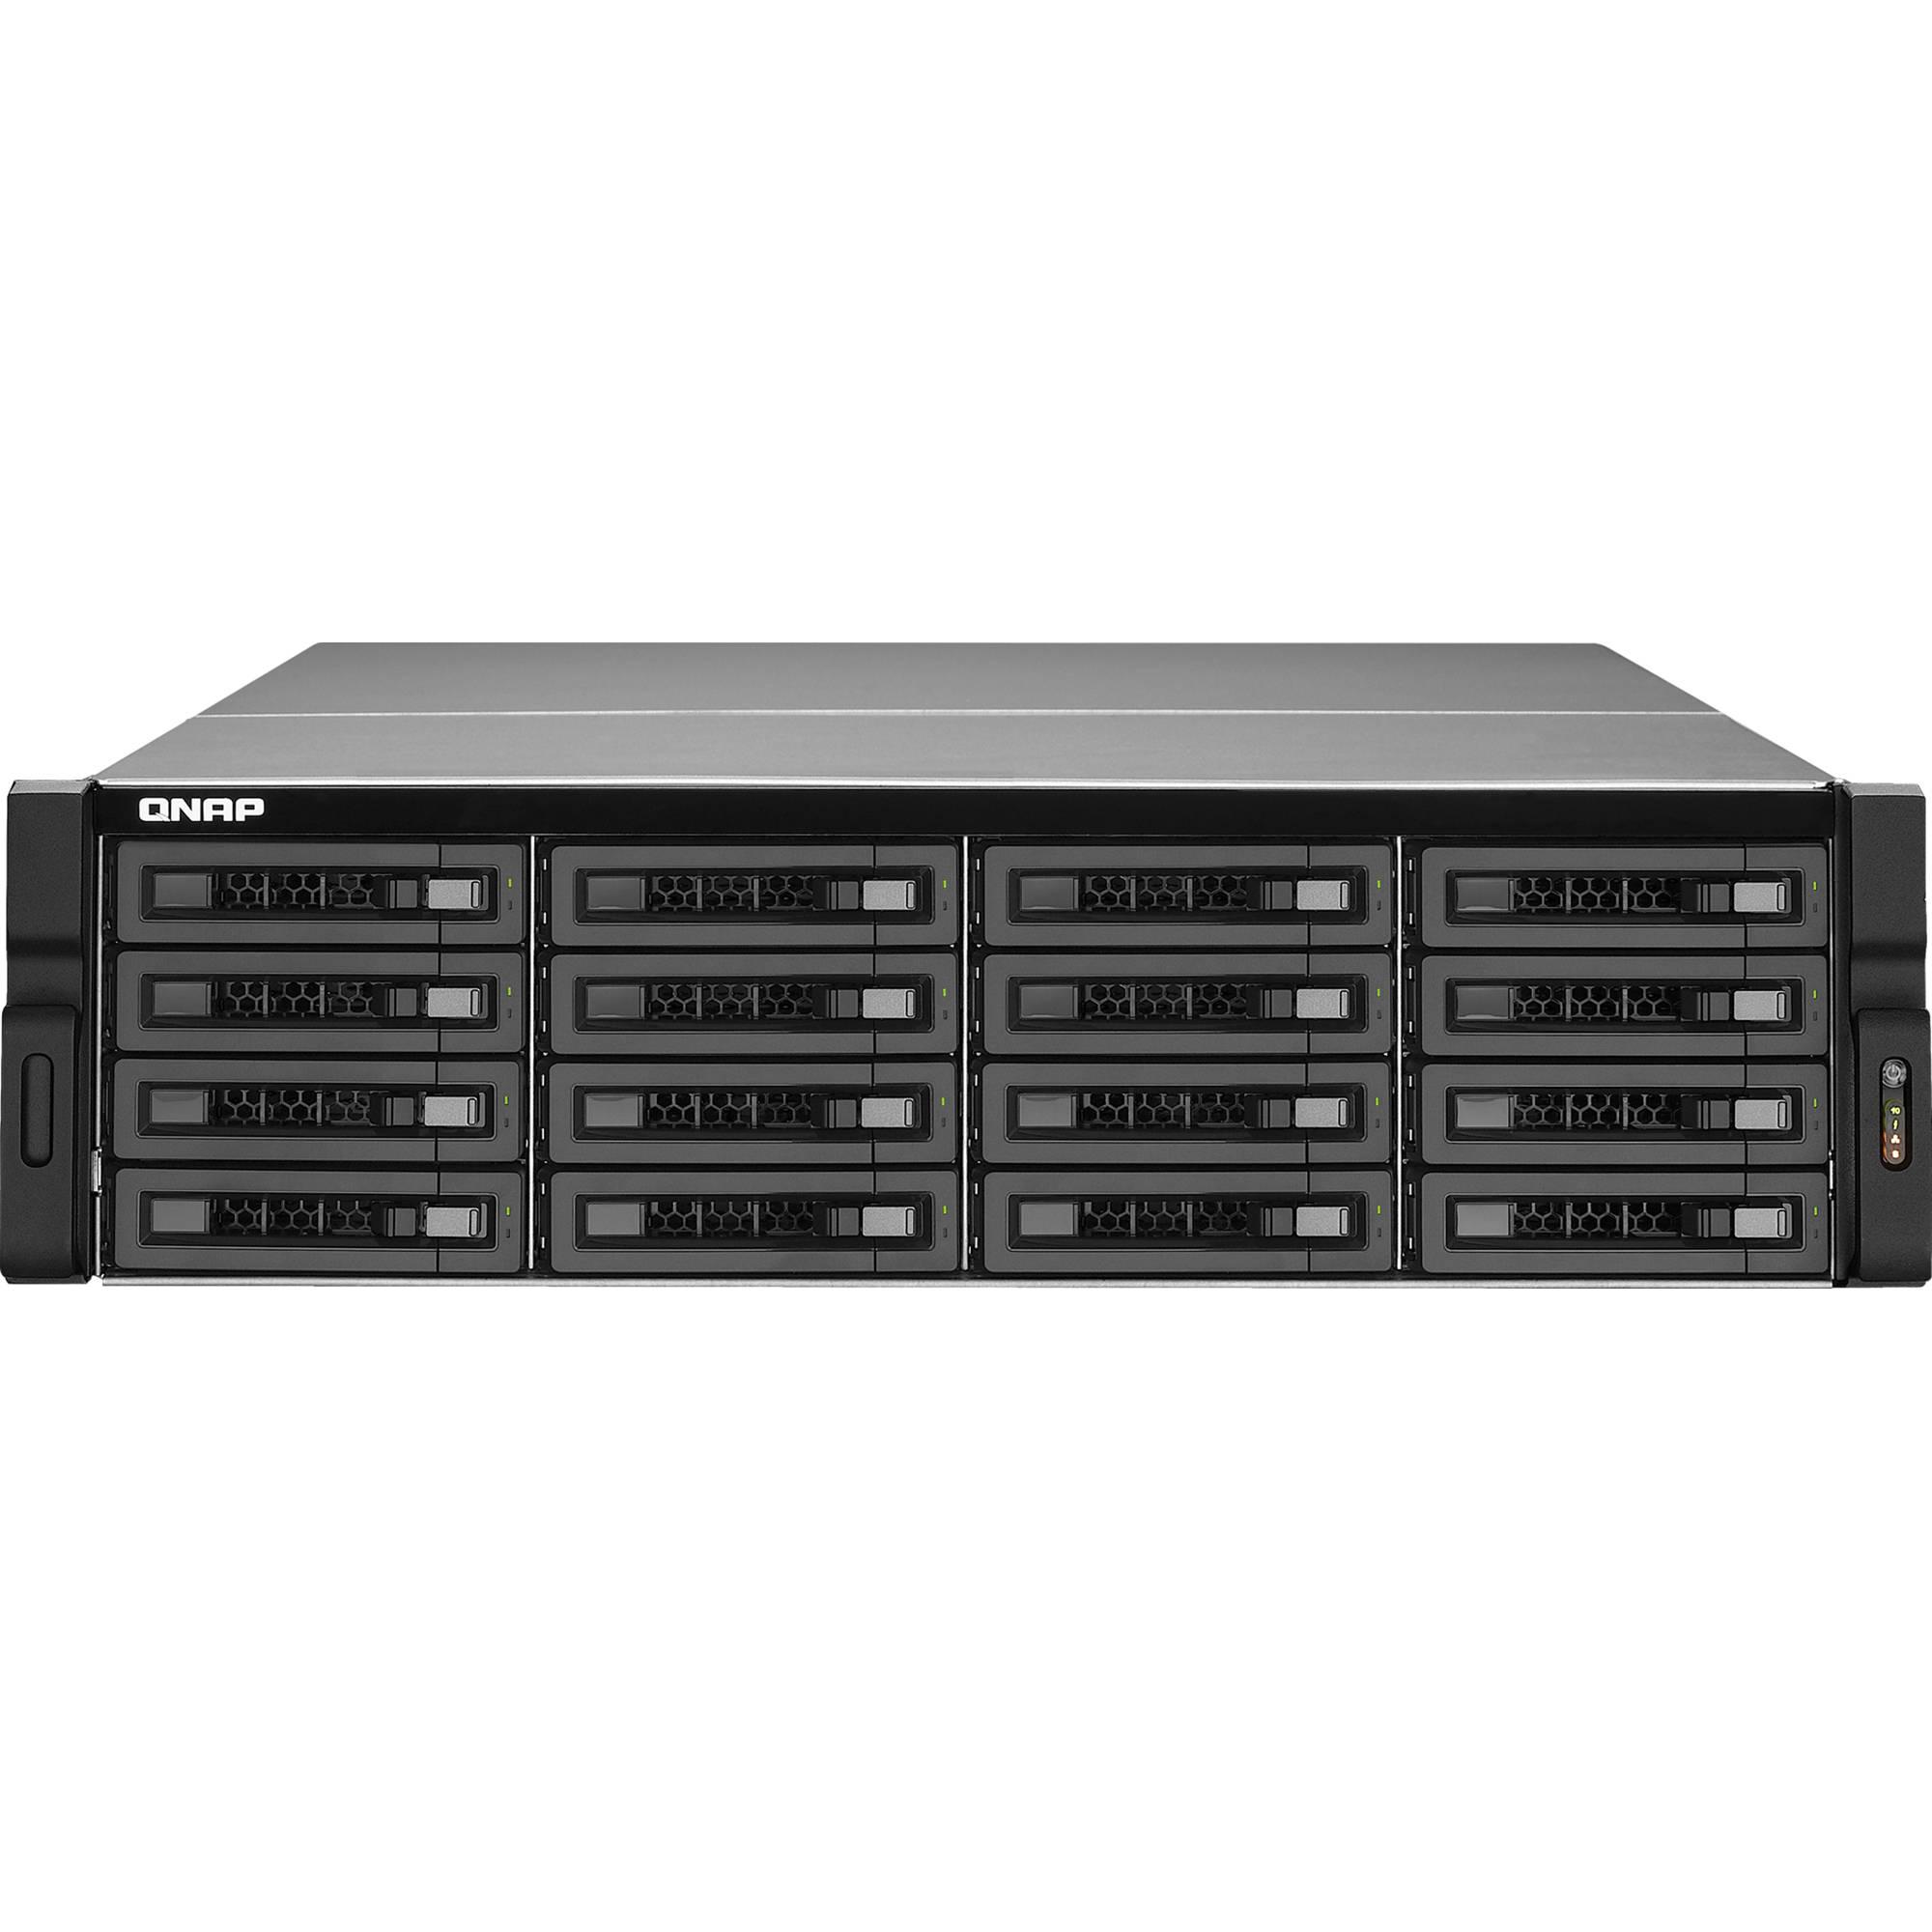 Qnap Ssl Vpn Server